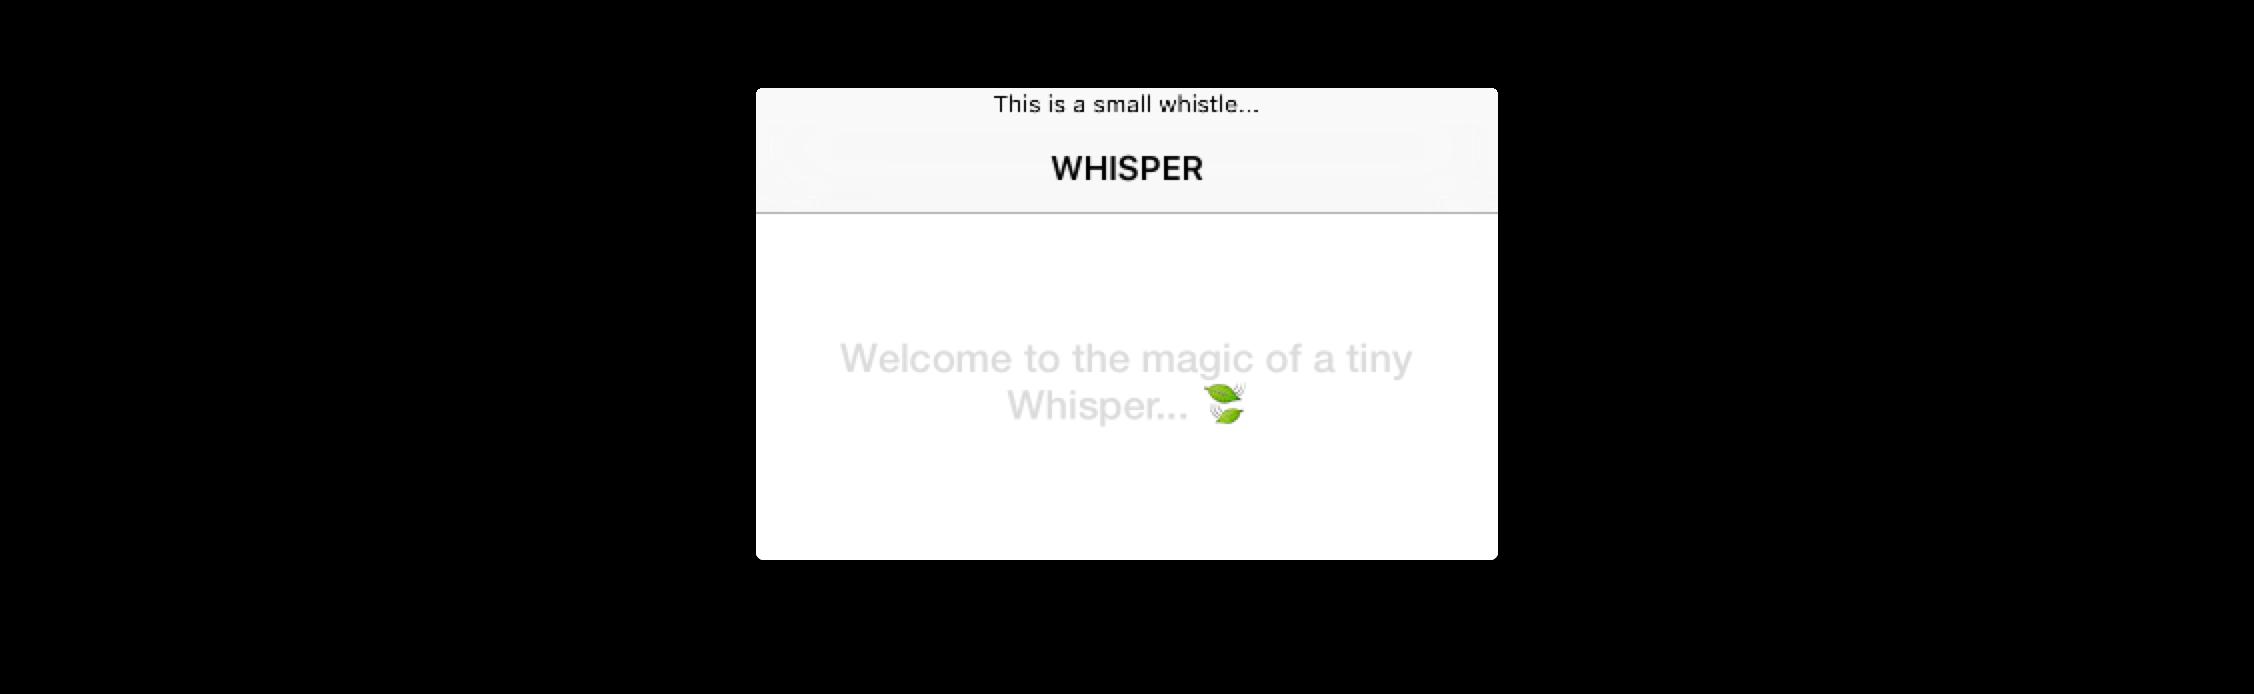 Định dạng kiểu Whistles